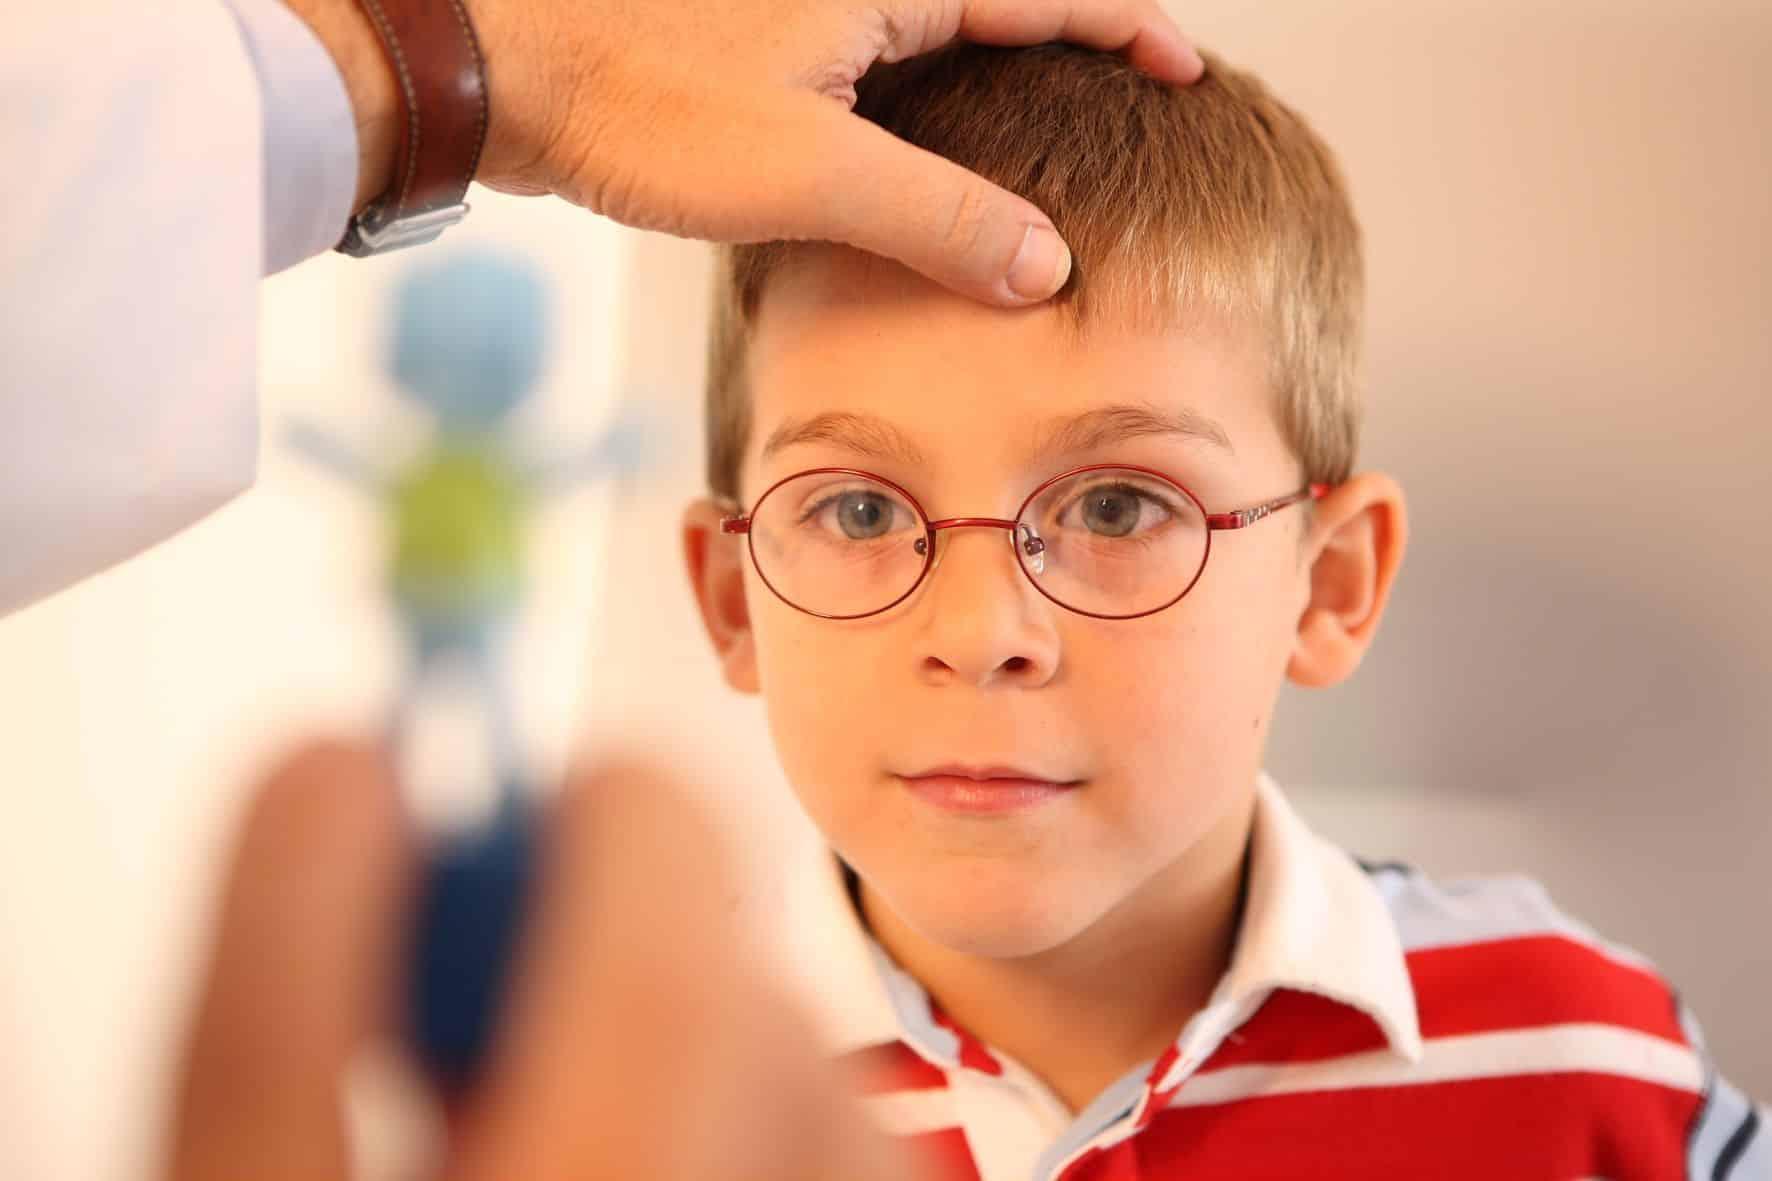 Área Oftalmológica Avanzada se suma a la importancia de prevenir y promover la salud